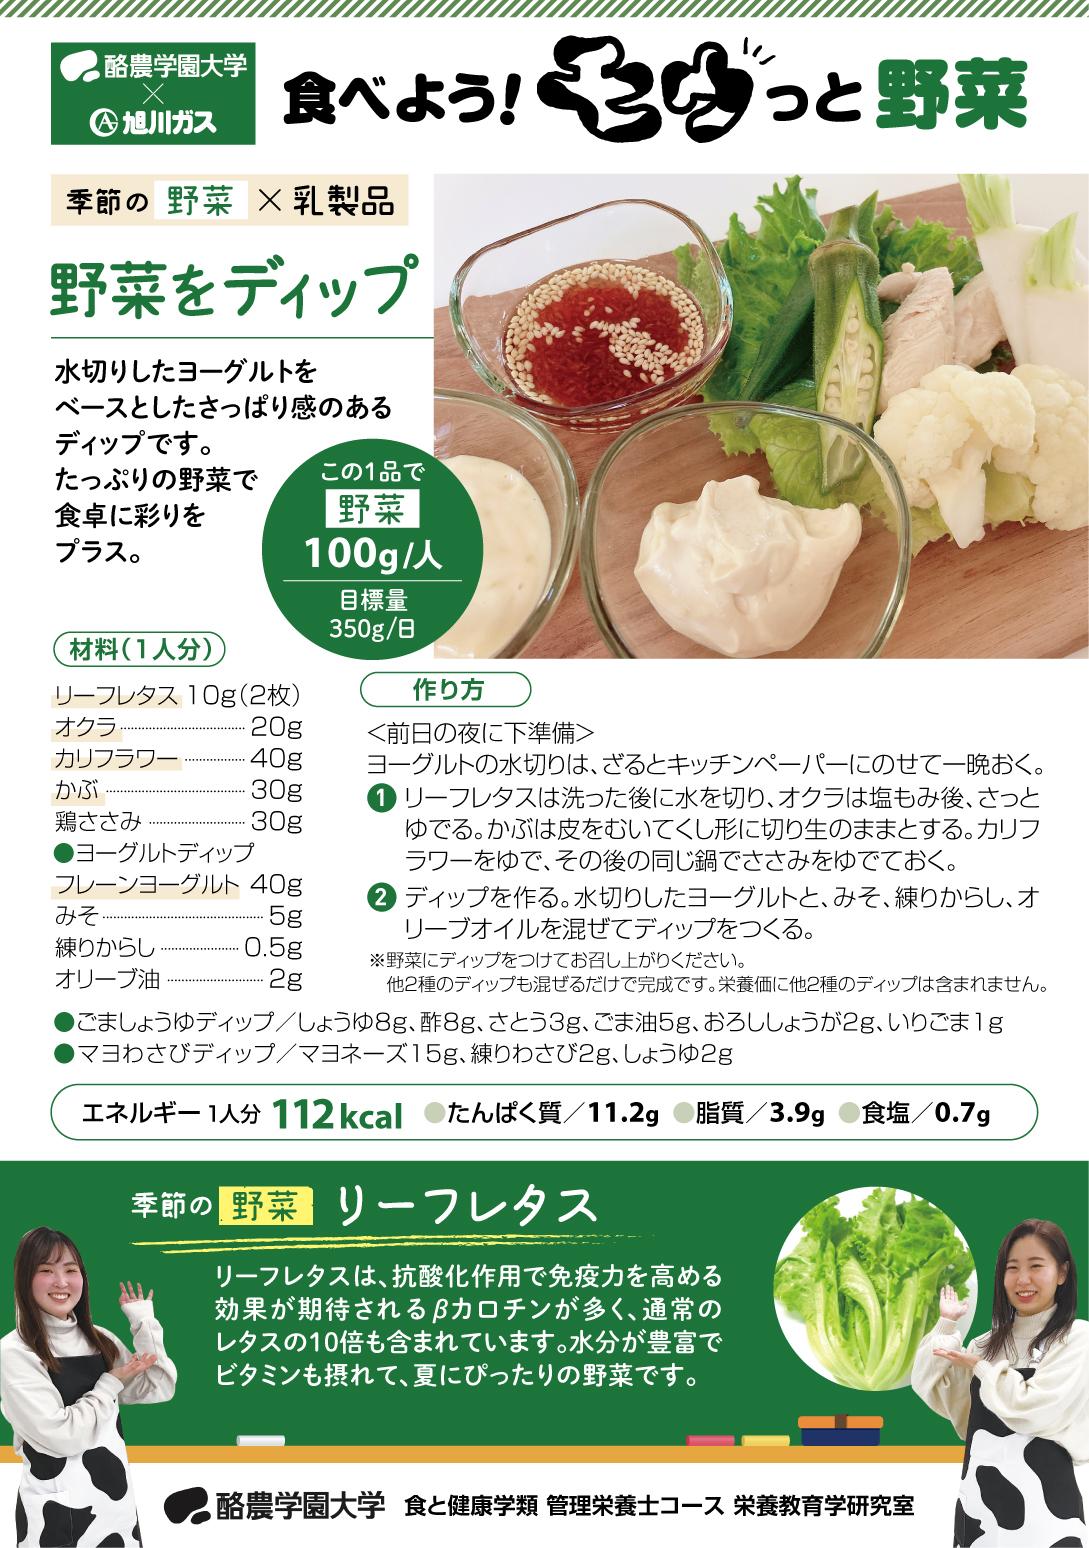 食べよう!モウっと野菜「野菜をディップ」(ガスだより「ほっと」7月号より)